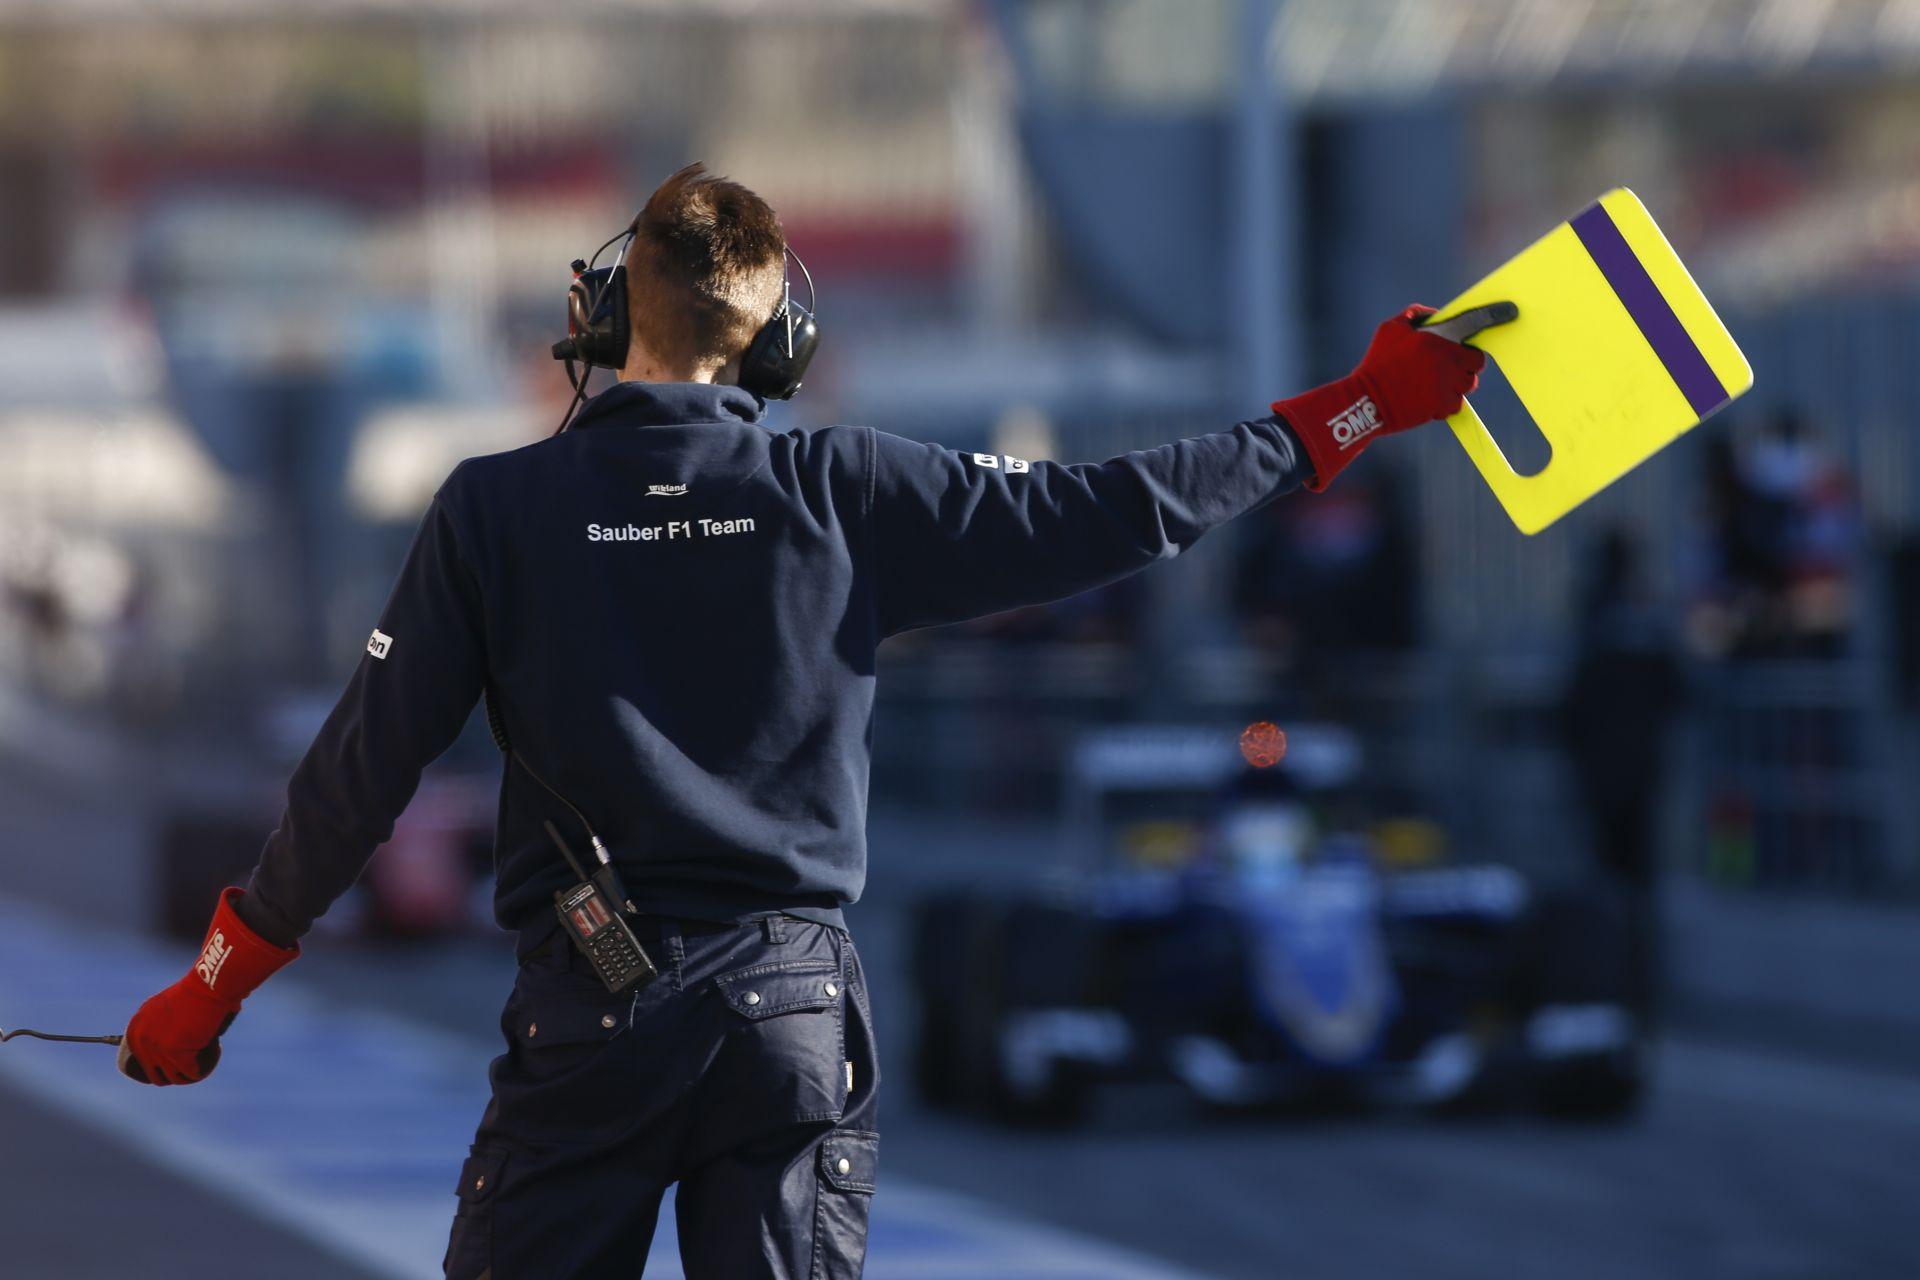 Újabb meghallgatás a Sauber és Van der Garde ügyében